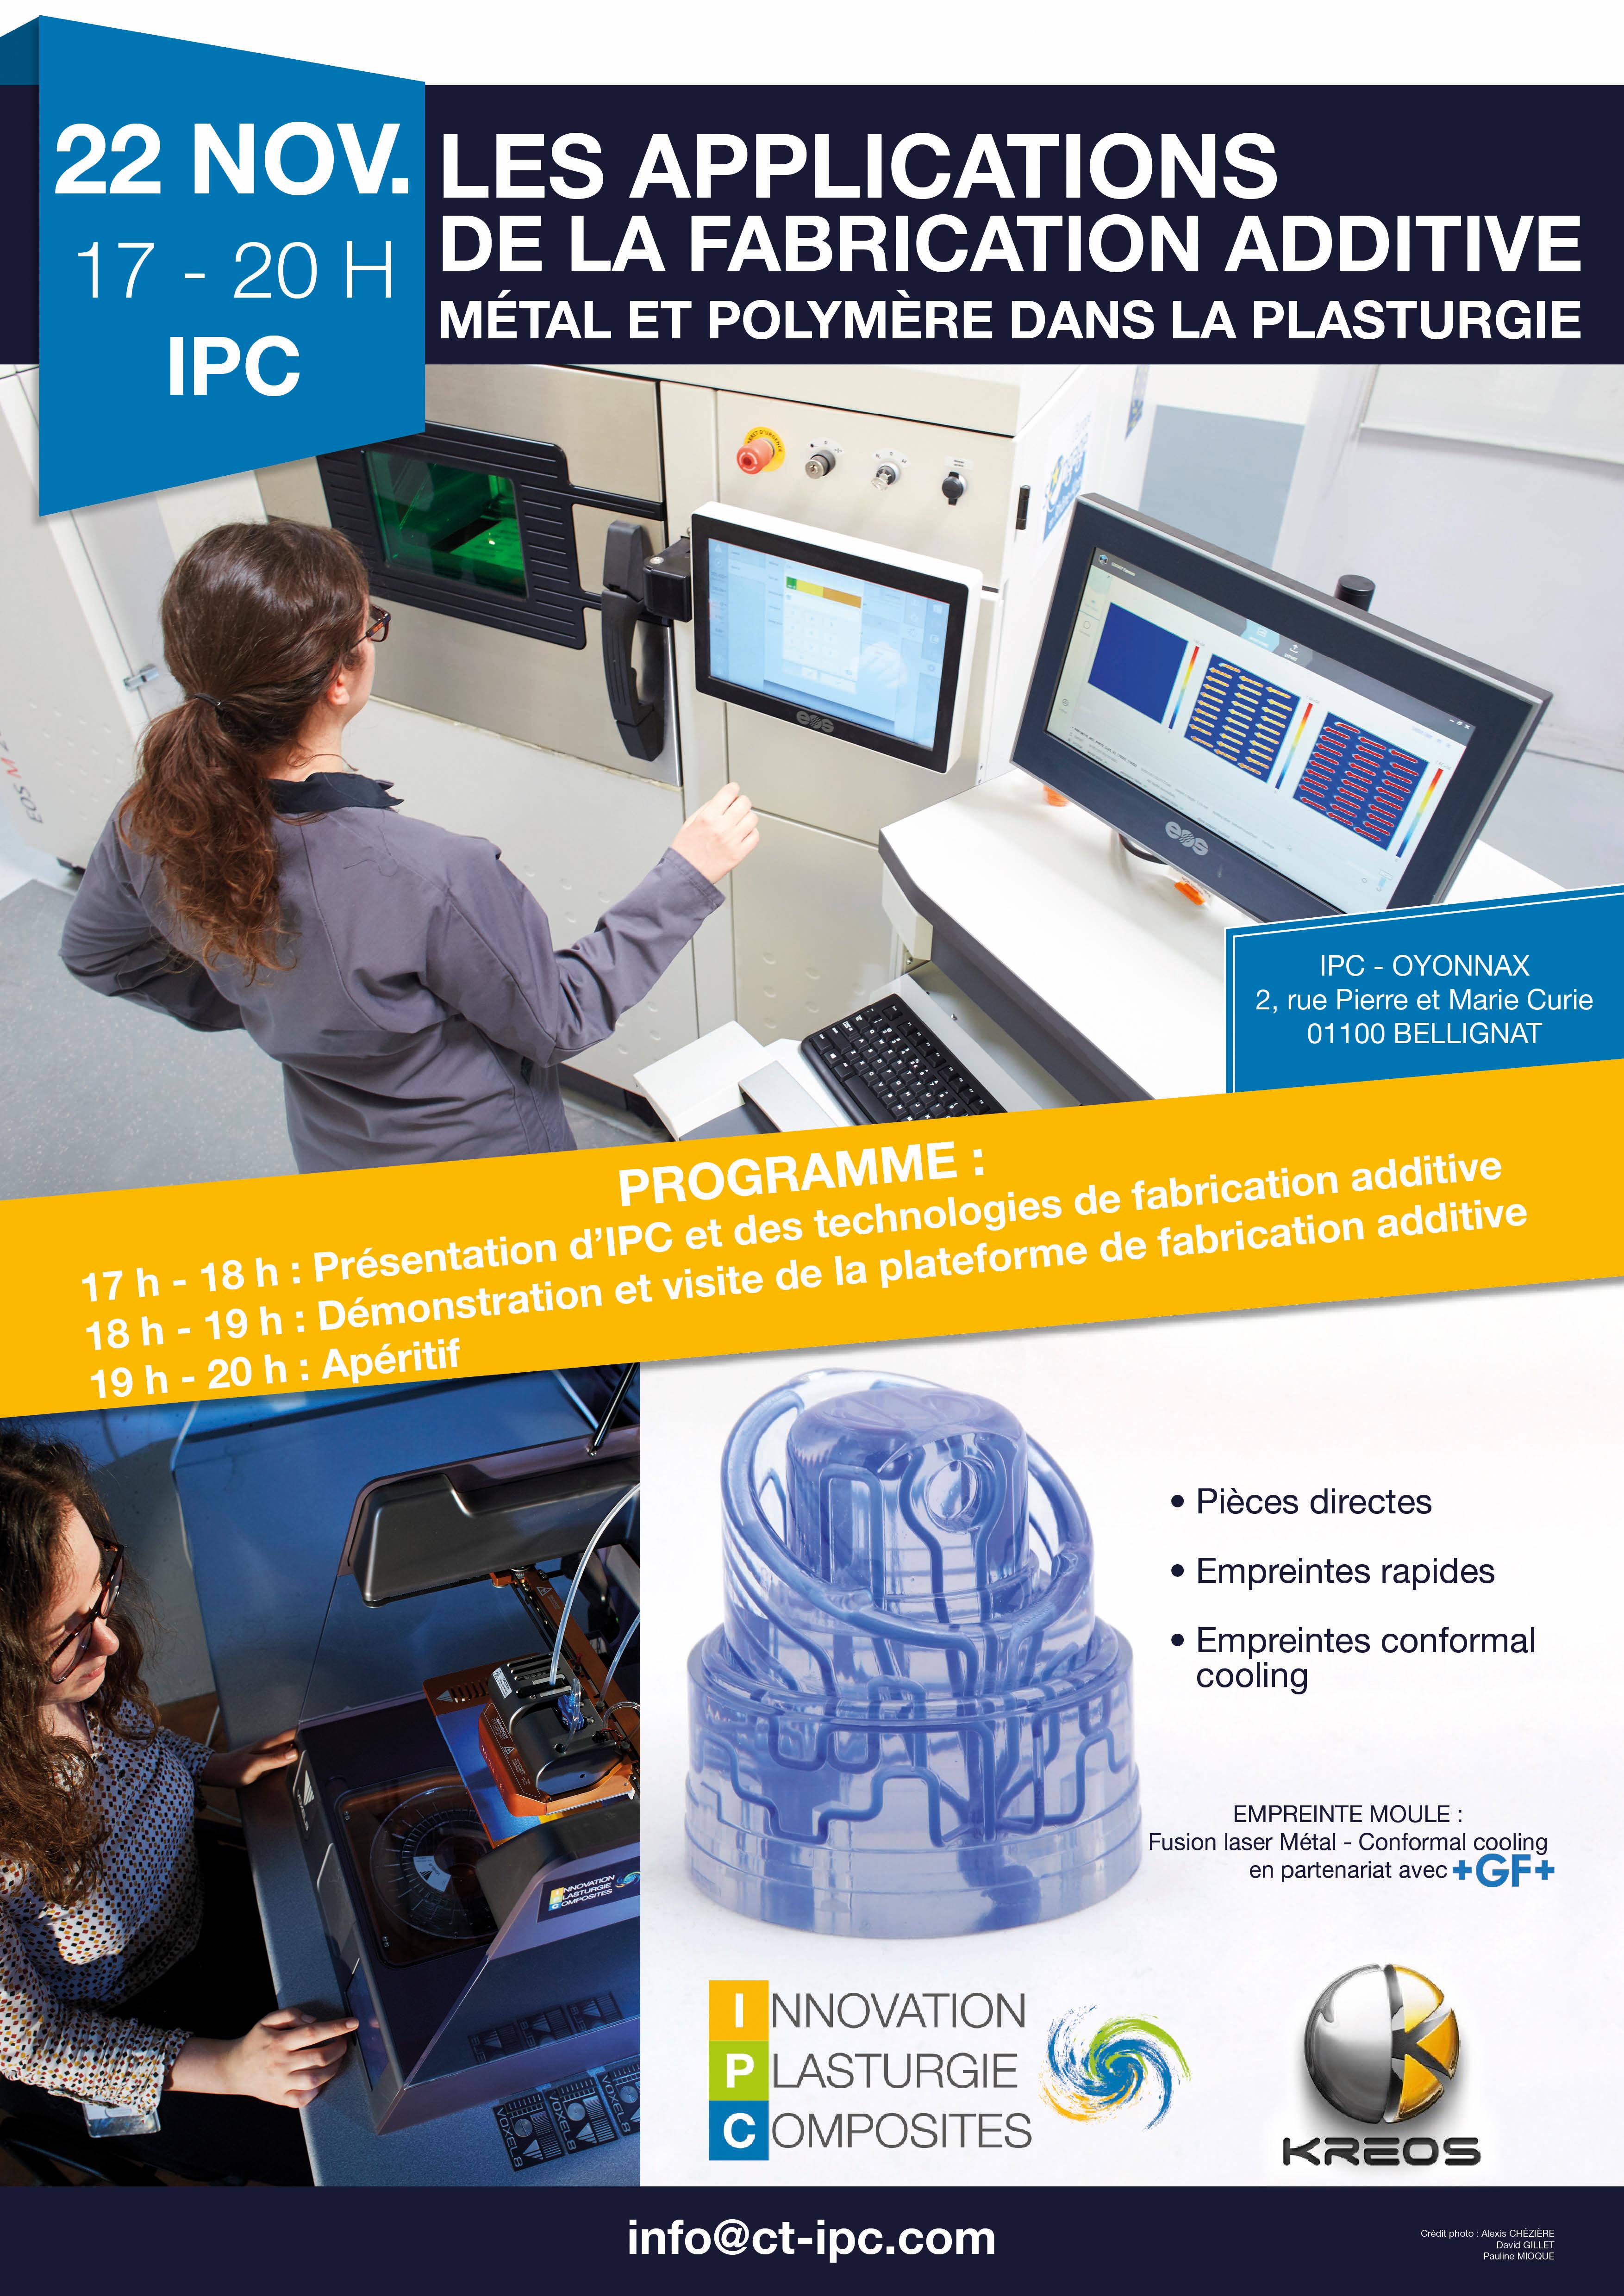 Les applications de la fabrication additive métal et polymère dans la plasturgie